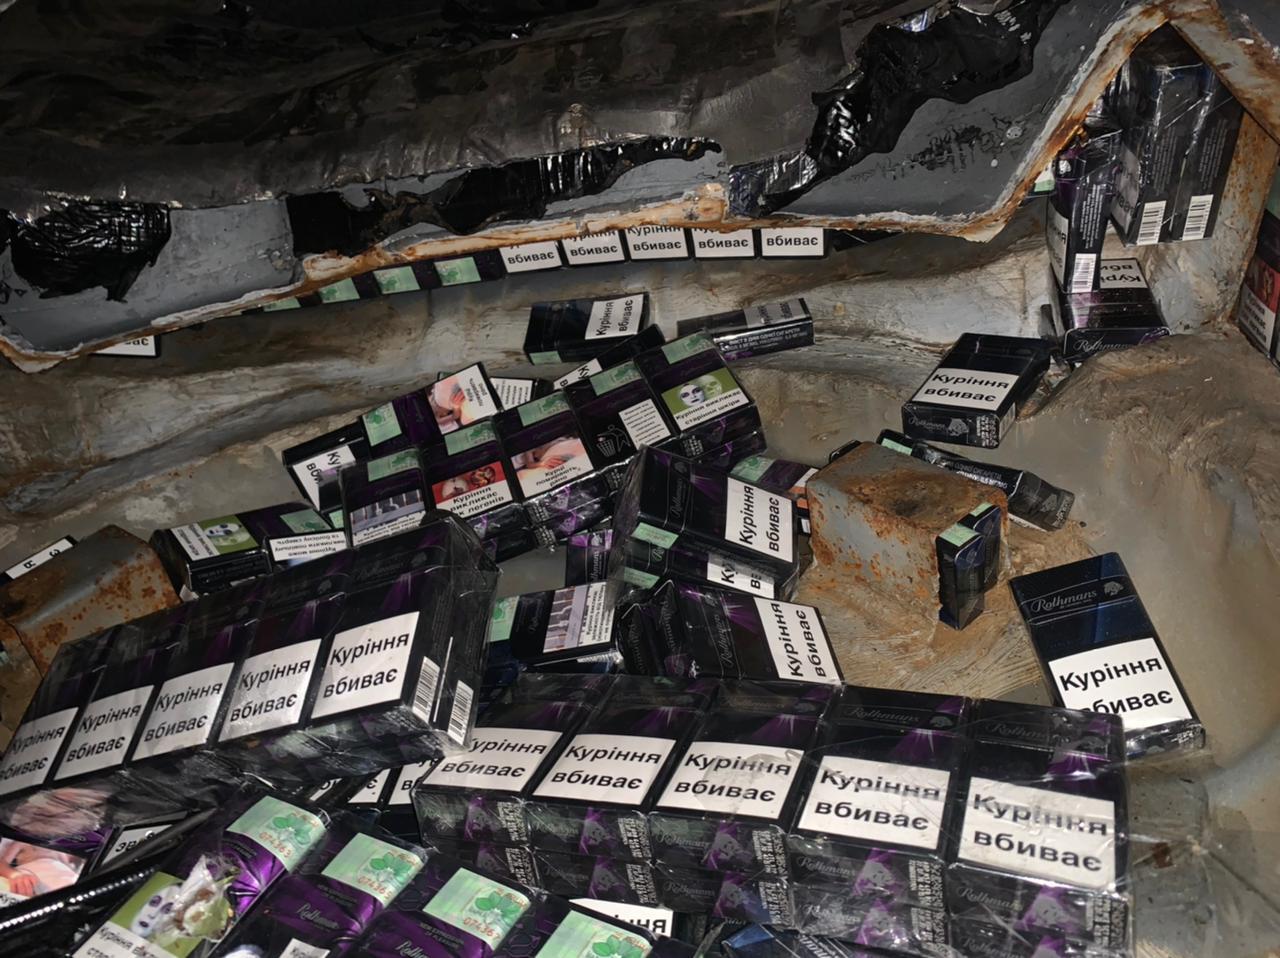 Ужгородець намагався провезти у двох тайниках в своєму авто чималу партію сигарет